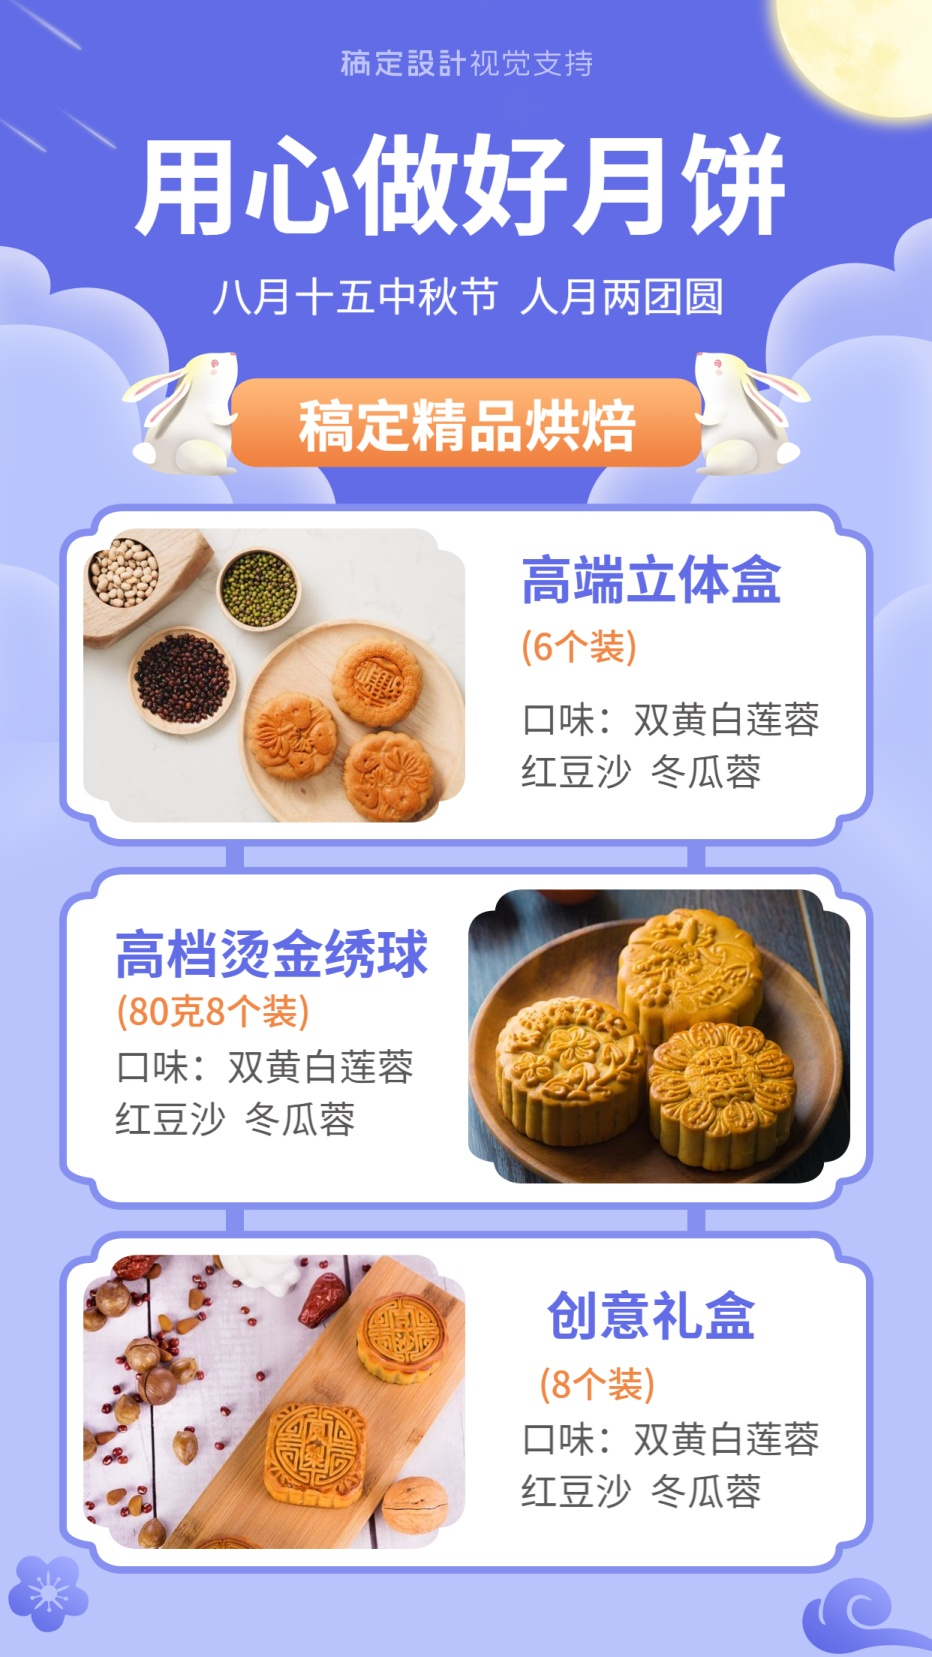 中秋节月饼拼图展示海报